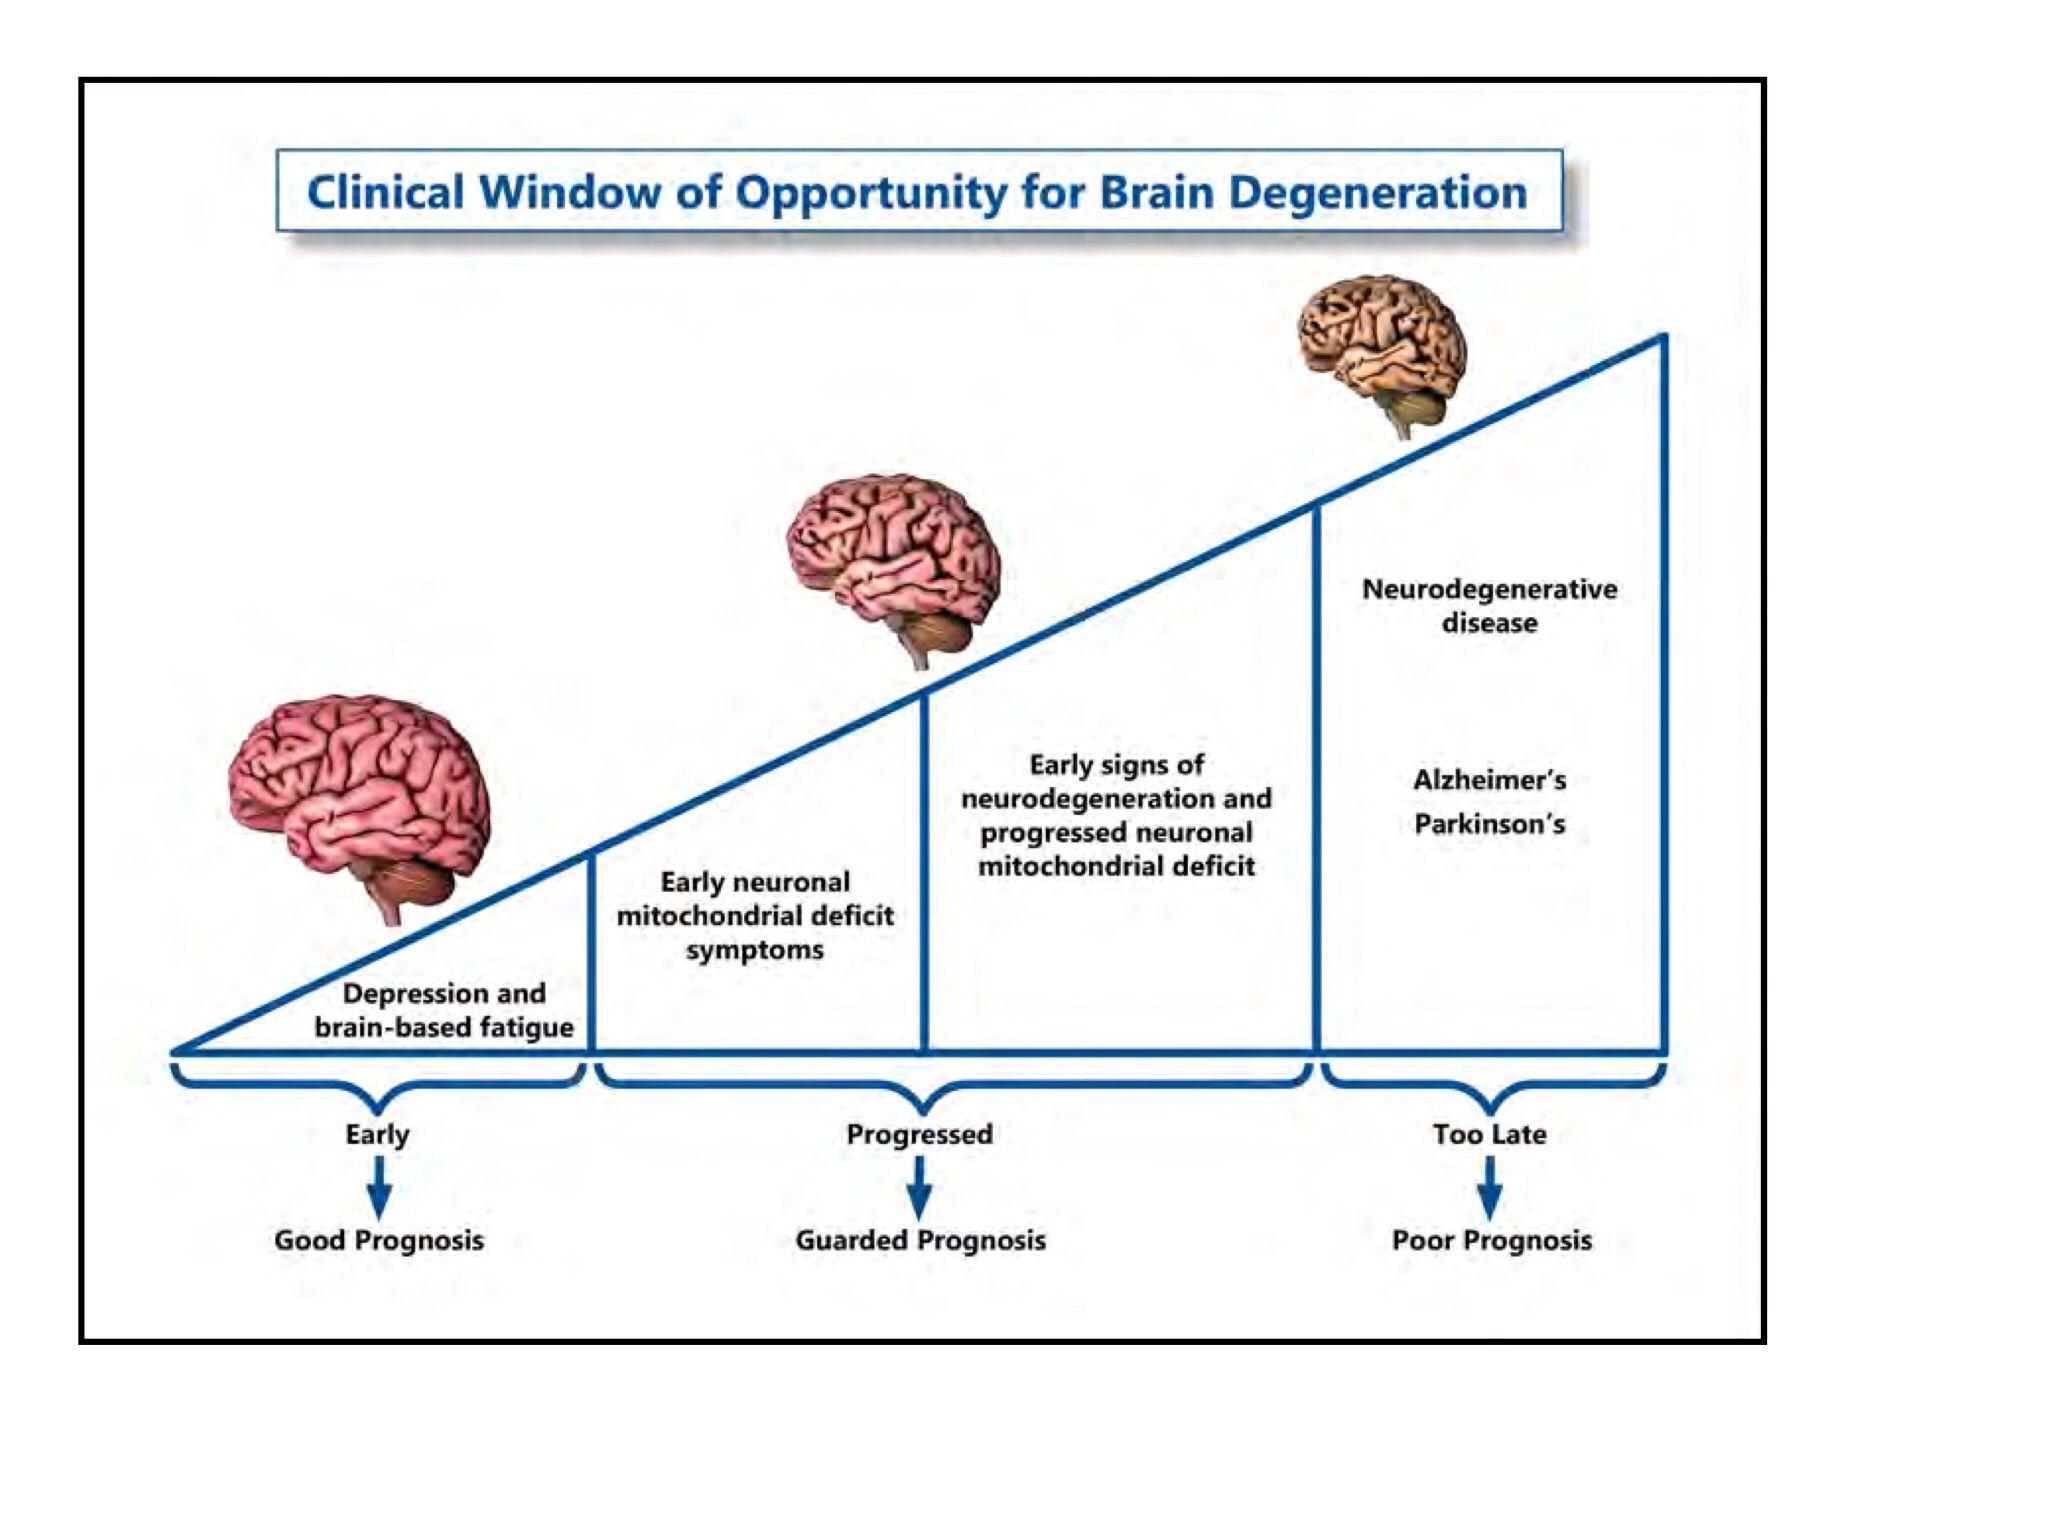 O inicio de uma doença neurodegenerativa pode iniciar com sintomas de depressão. www.estimulacaoneurologica.com.br